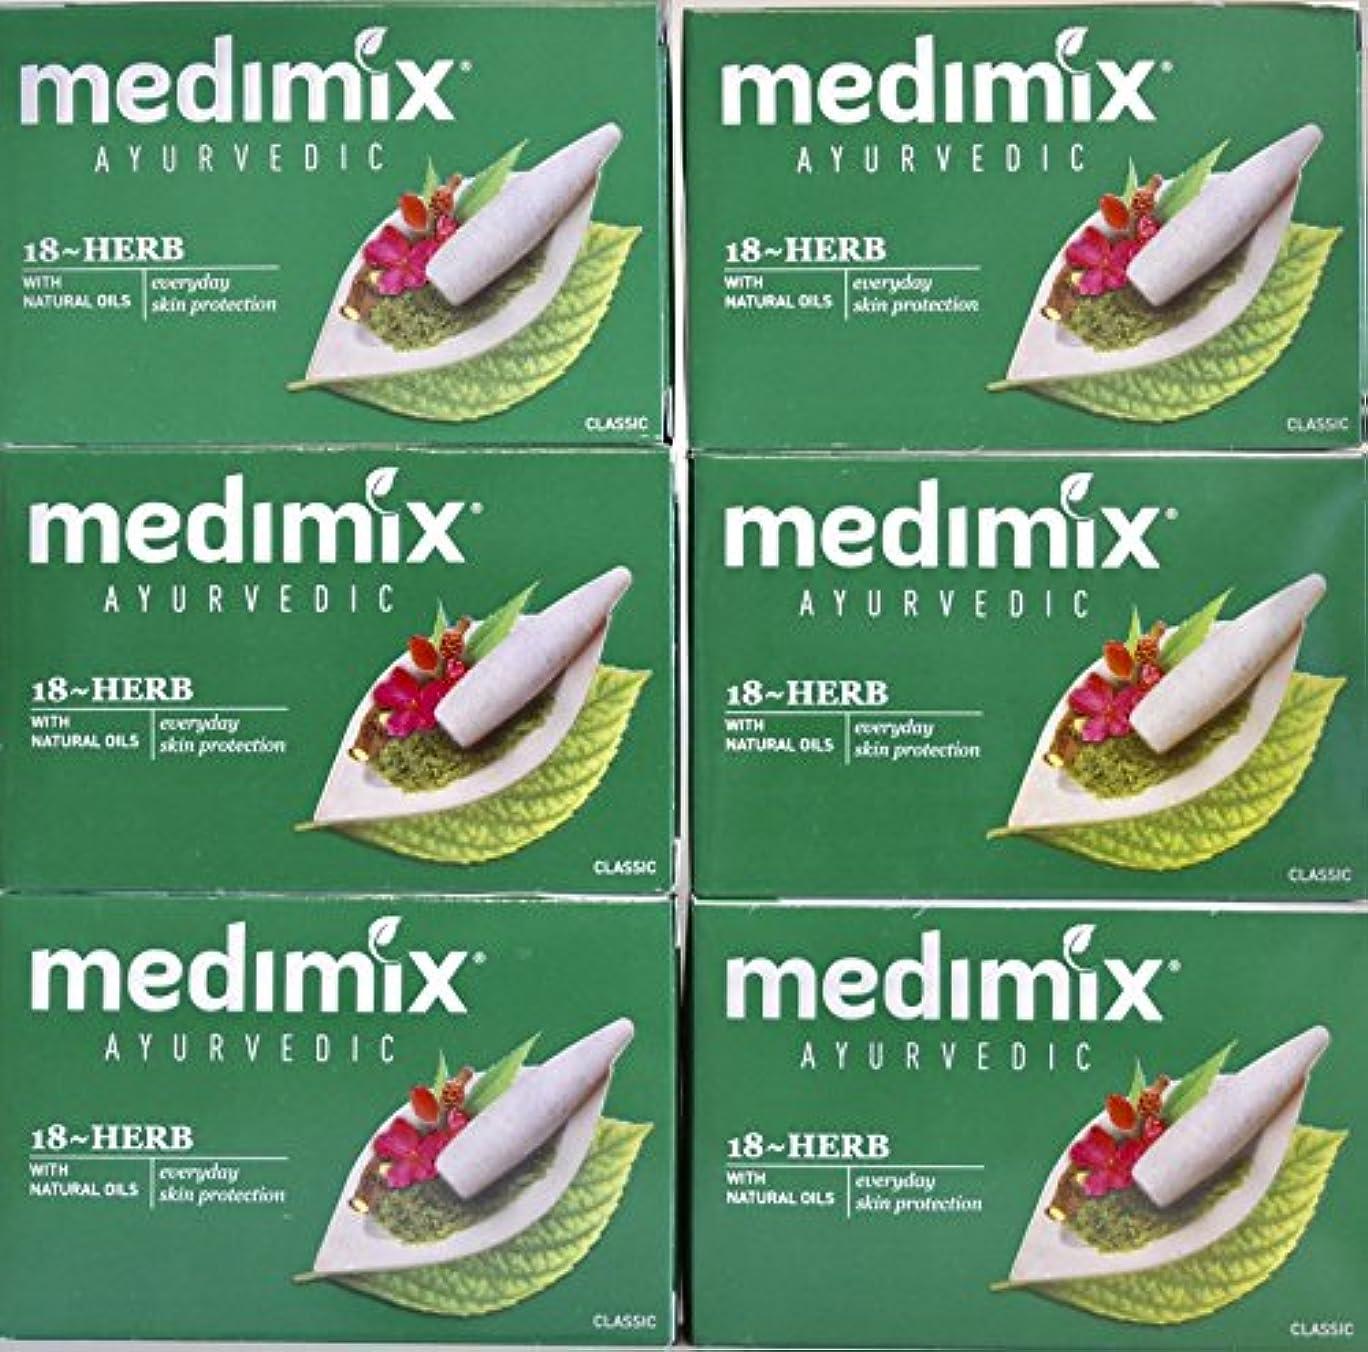 剛性不屈やるMEDIMIX メディミックス アーユルヴェーダ石鹸 18ハーブス6個セット